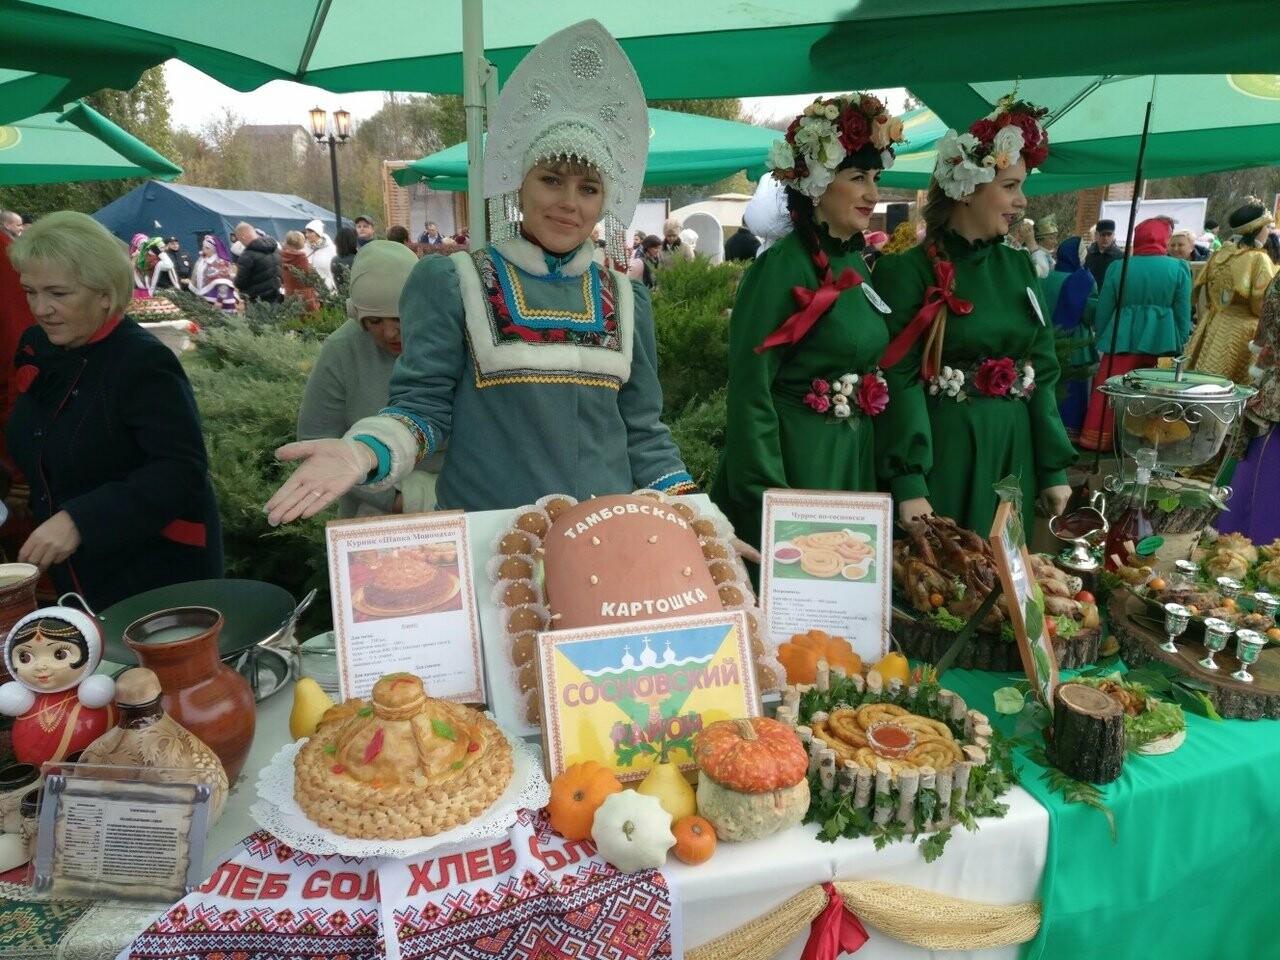 Второй день Покровской ярмарки в Тамбове: гастрономический фестиваль, праздник сарафана и танцы на лошадях, фото-1